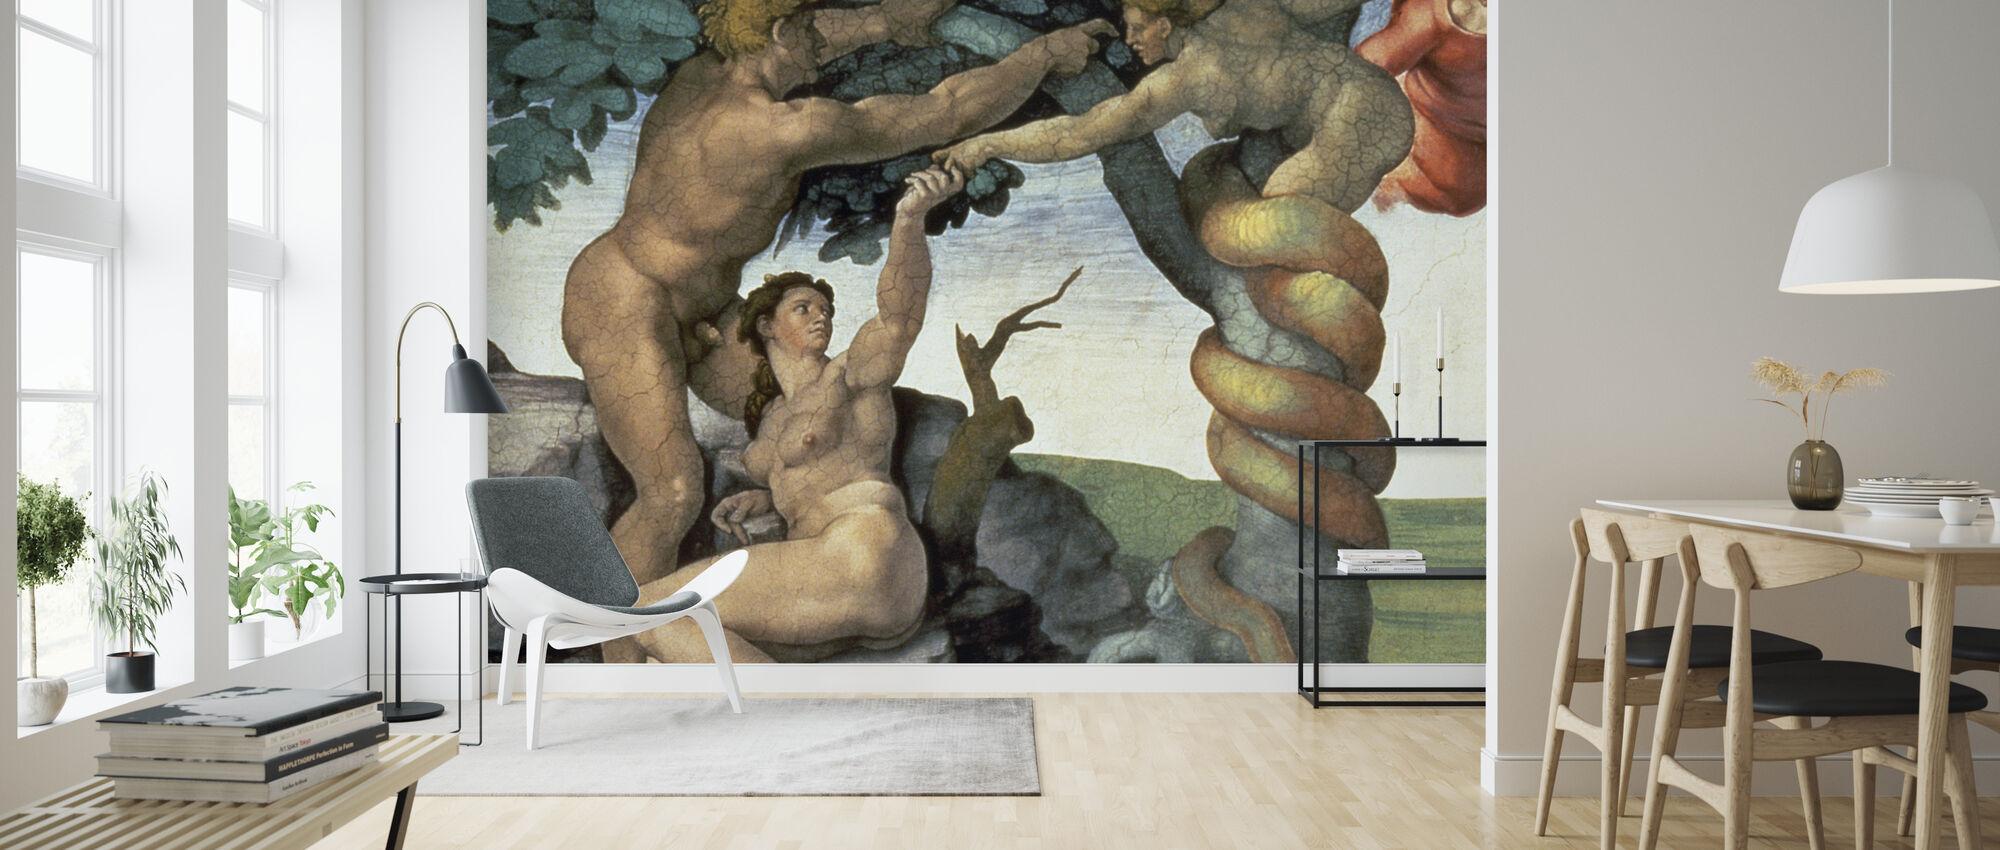 Sikstuksen kappeli katto, Michelangelo Buonarroti - Tapetti - Olohuone